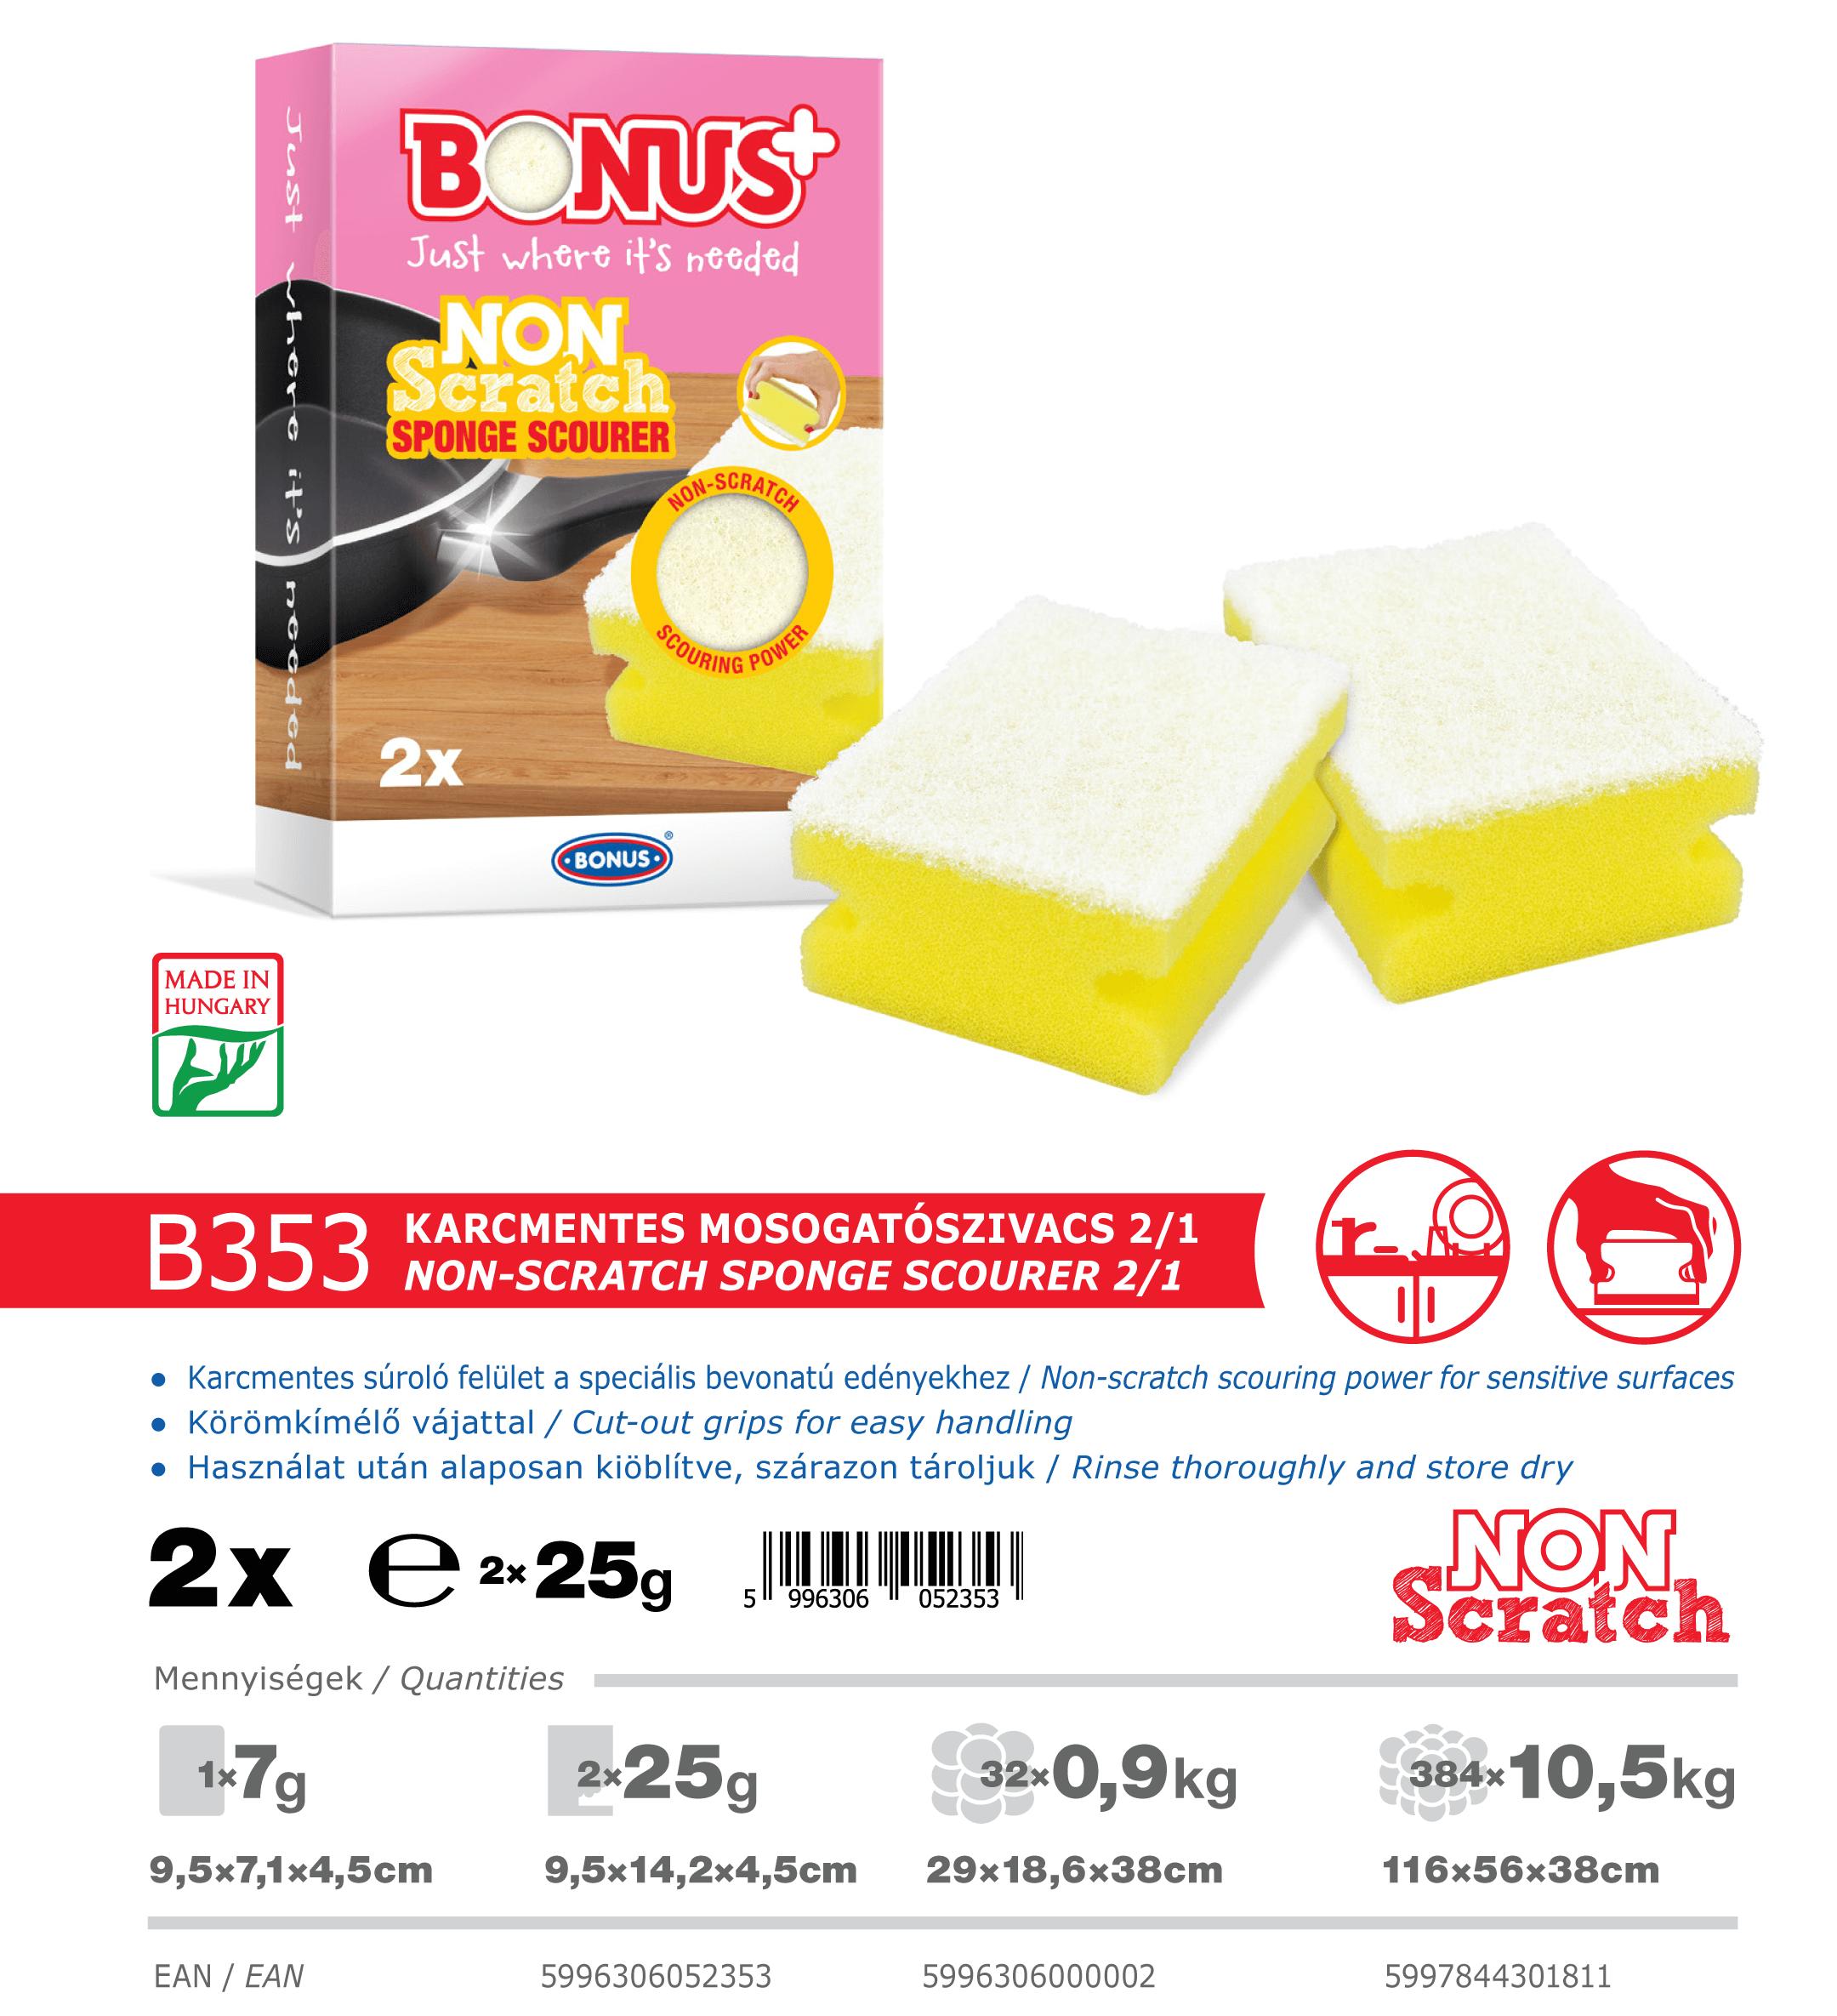 B353 Bonus+ karcmentes mosogatószivacs 2/1 katalógus adatok